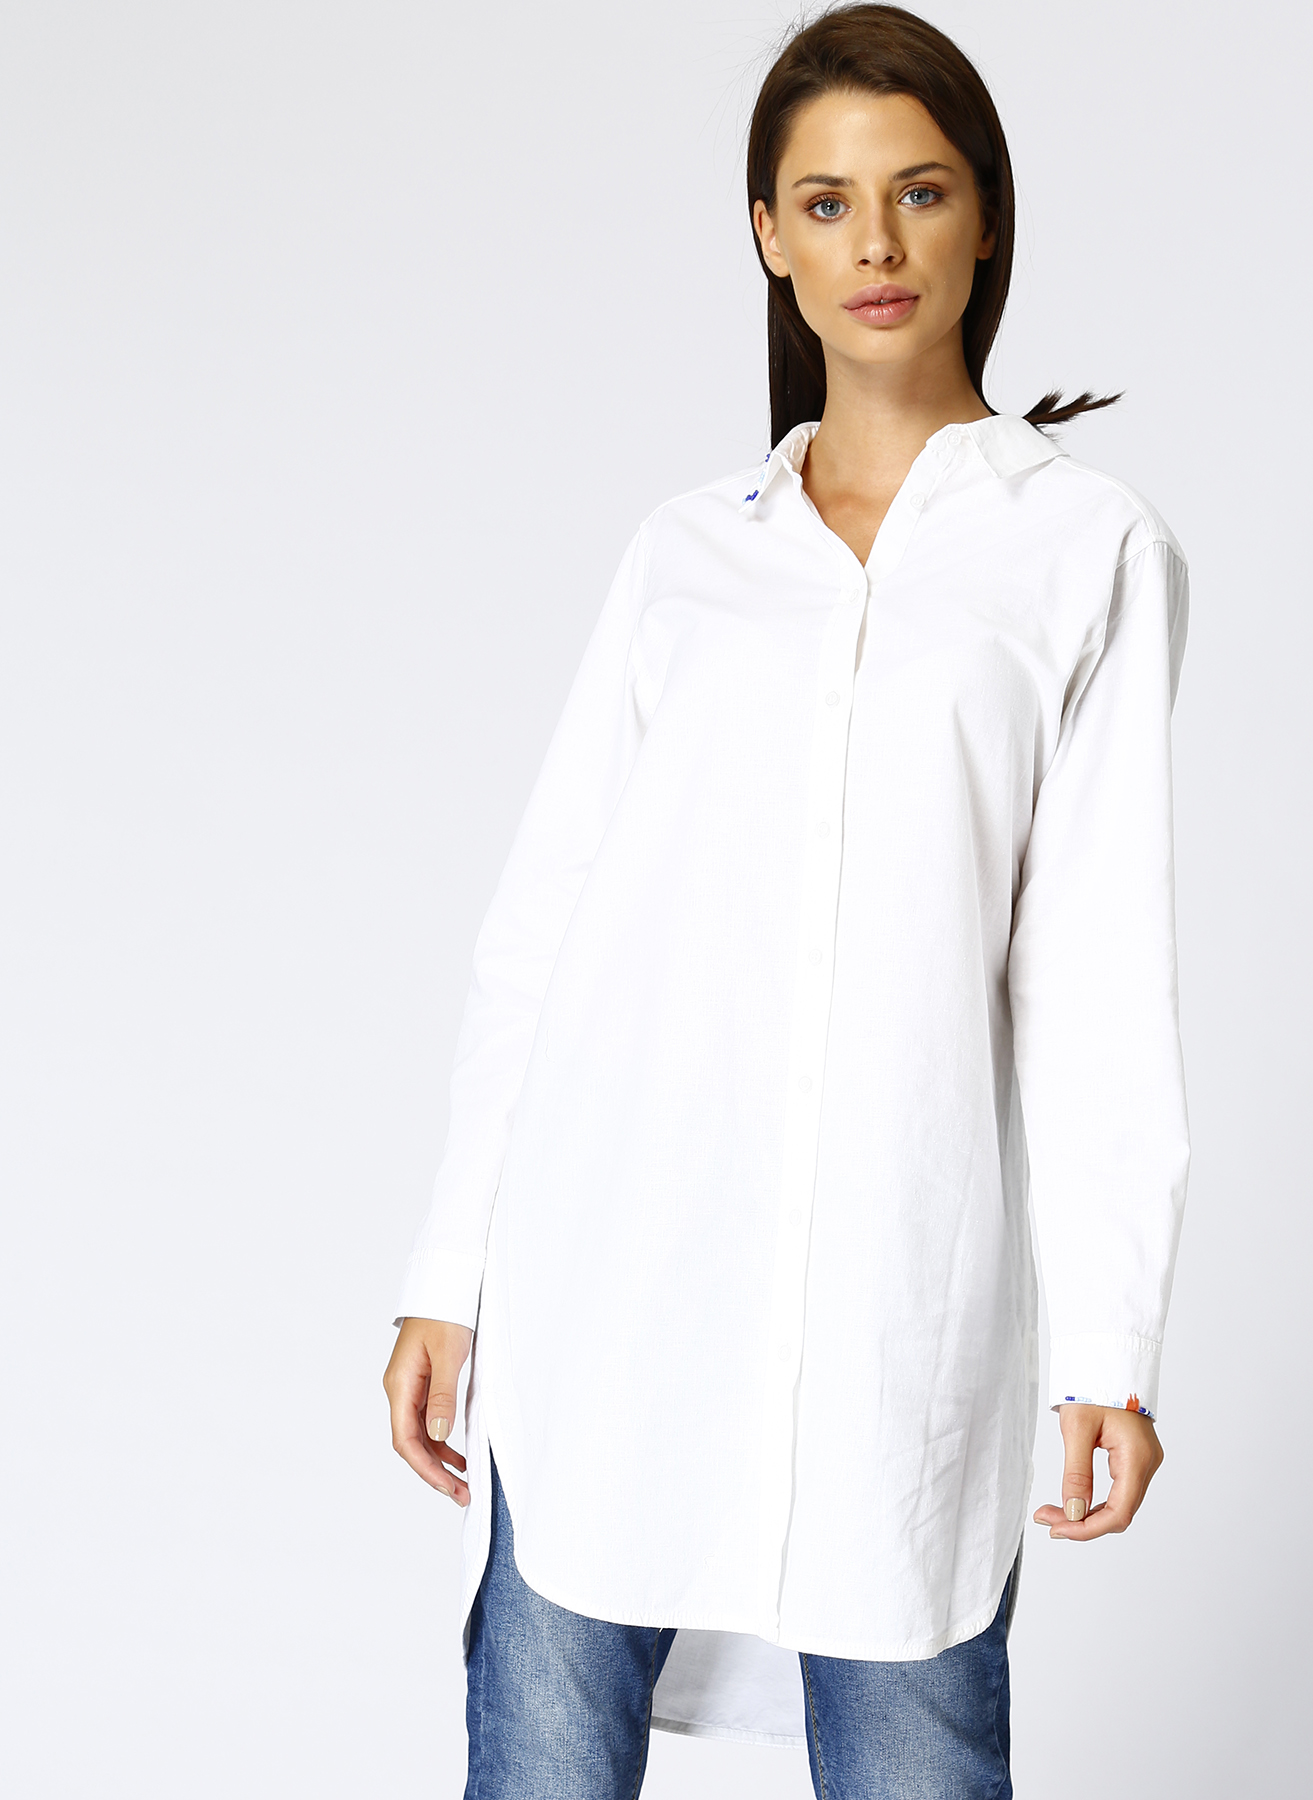 a55bb3b5617a9 XS Koyu Natürel Beymen Club Keten Boncuk İşlemeli Beyaz Gömlek  5000389182001 Kadın Giyim & Bluz